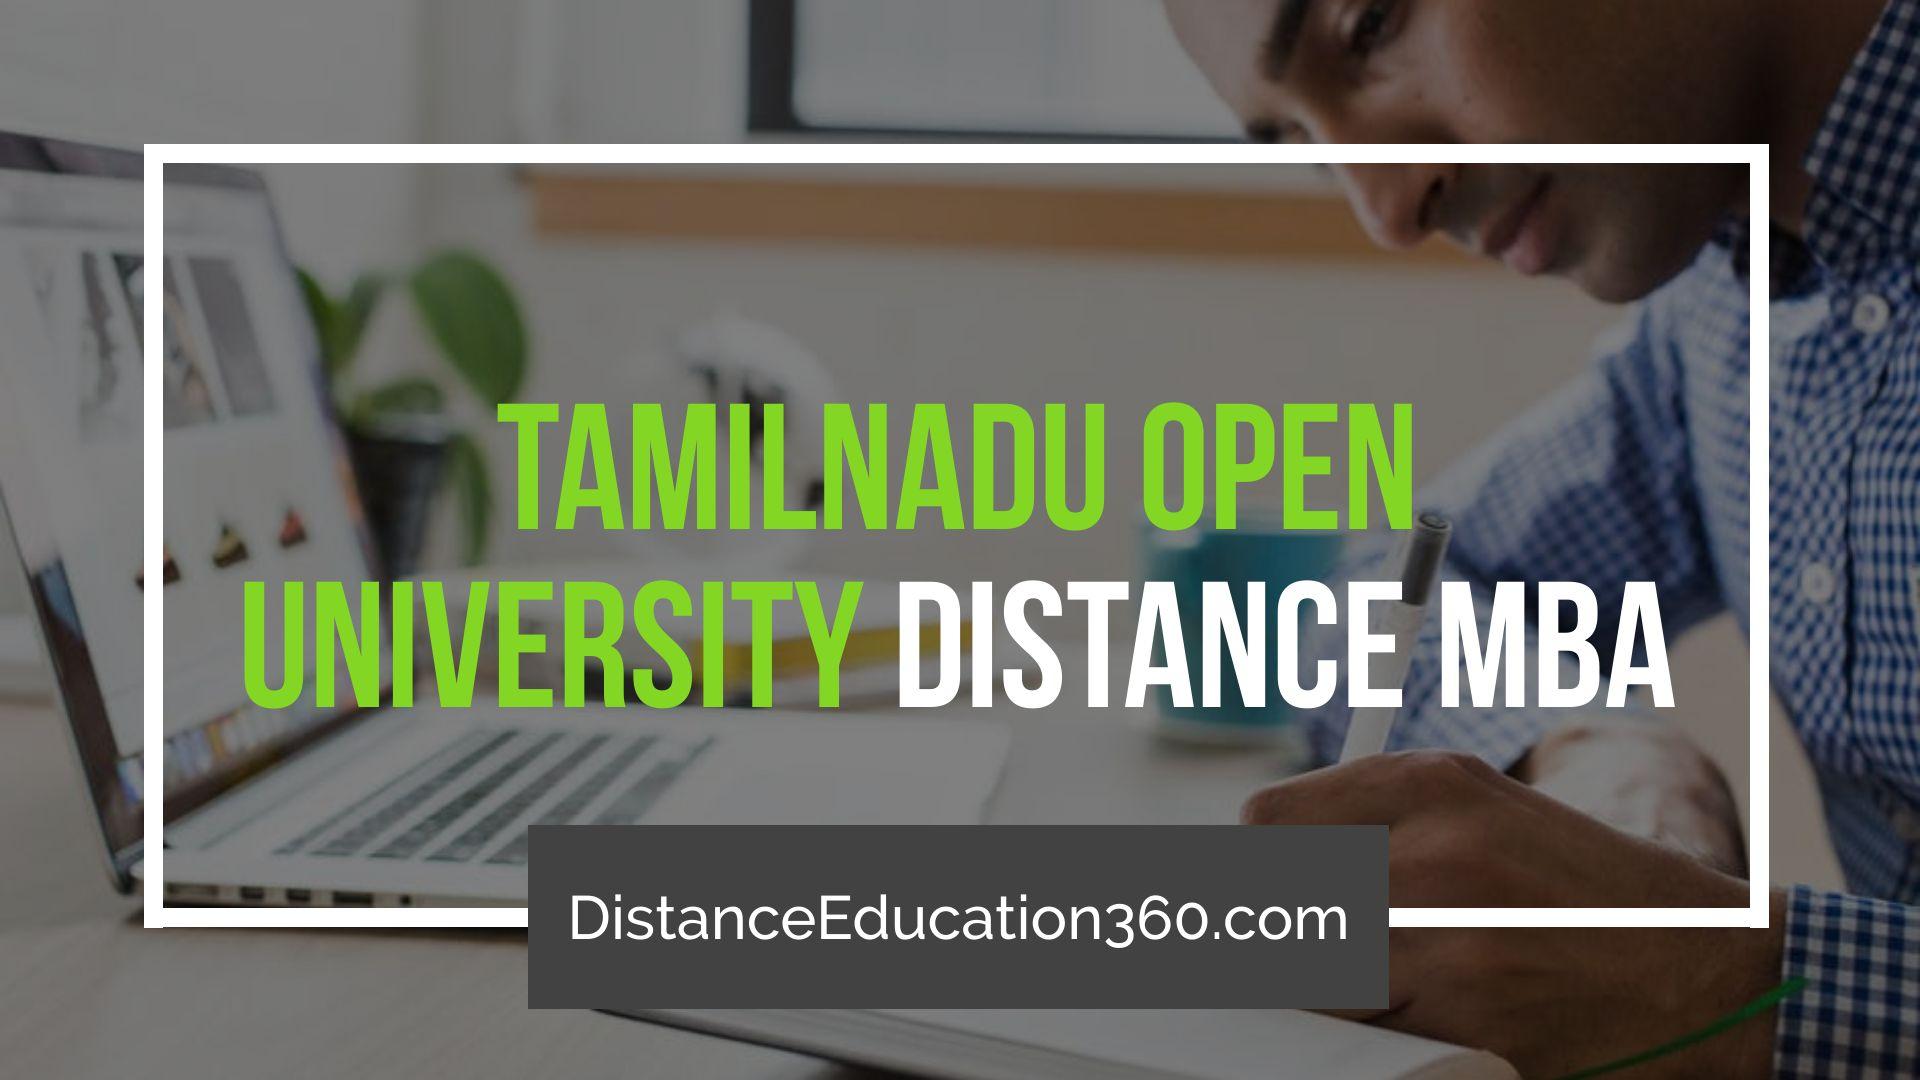 Tamil Nadu Open University (TNOU) Distance MBA